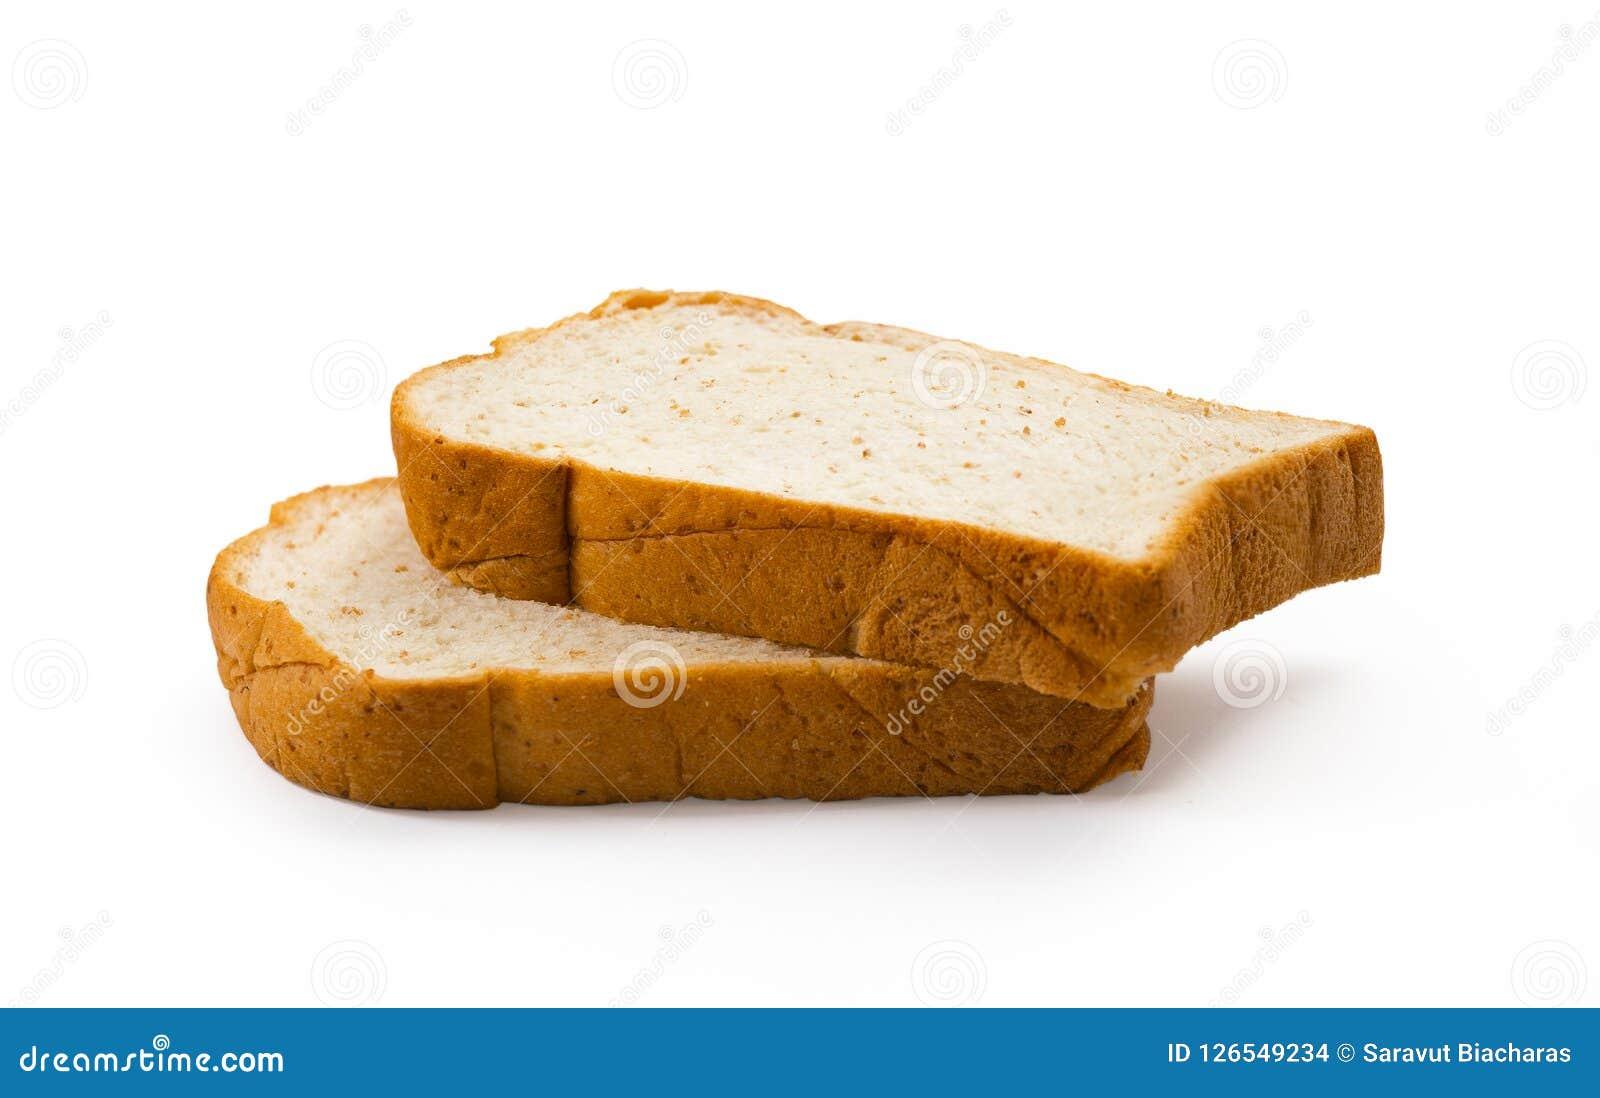 Skivat bröd som isoleras på vit bakgrund